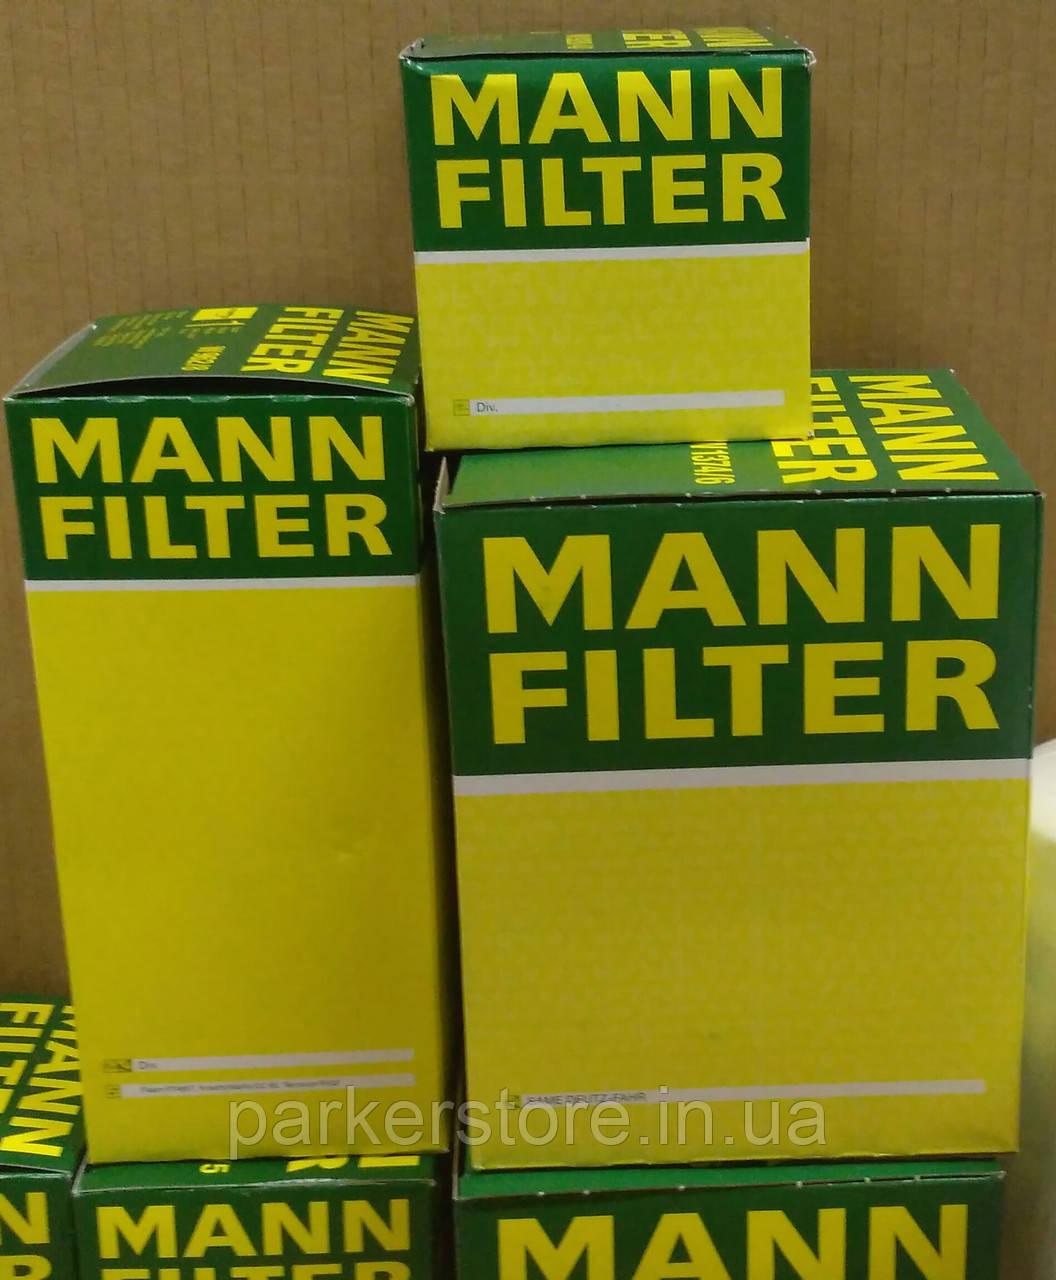 MANN FILTER / Воздушный фильтр / C 1184 / C1184